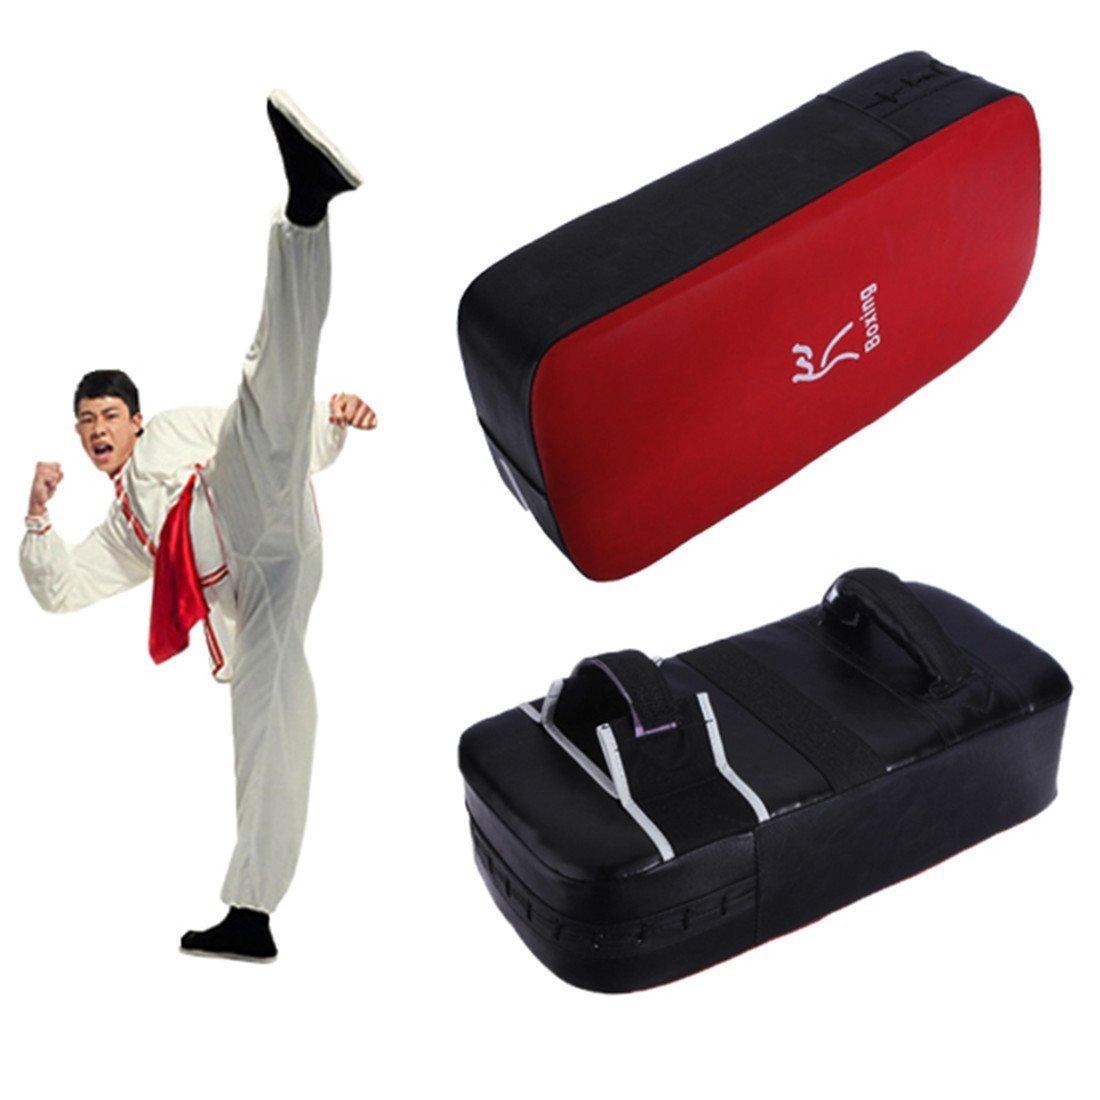 Tykusm karaté Taekwondo boxe Kick Bouclier de frappe (Noir + Rouge)